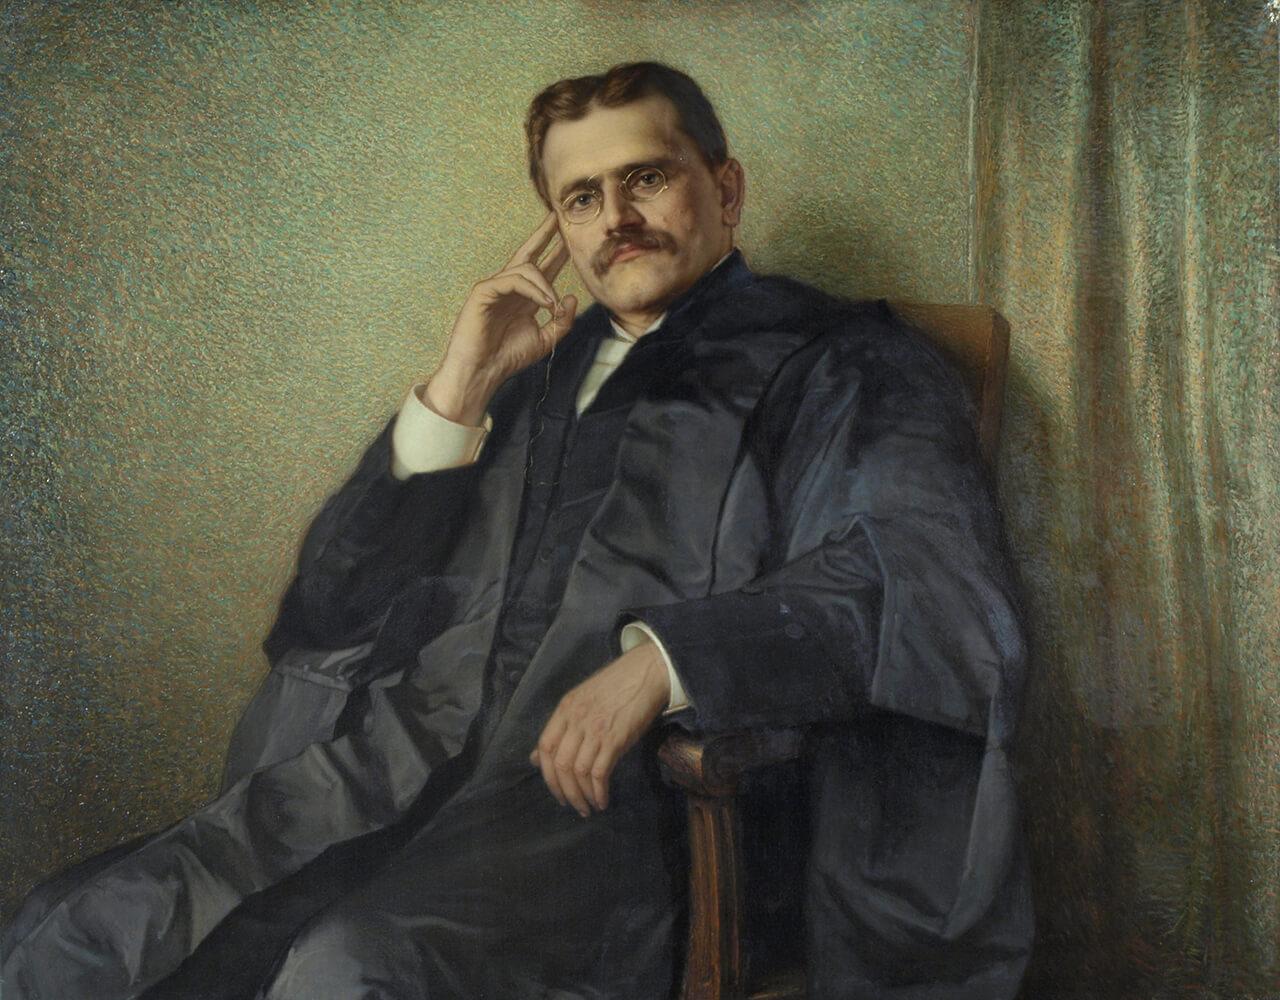 Ozias Leduc, Portrait of the Honourable Louis-Philippe Brodeur (Portrait de l'honorable Louis-Philippe Brodeur), 1901–4